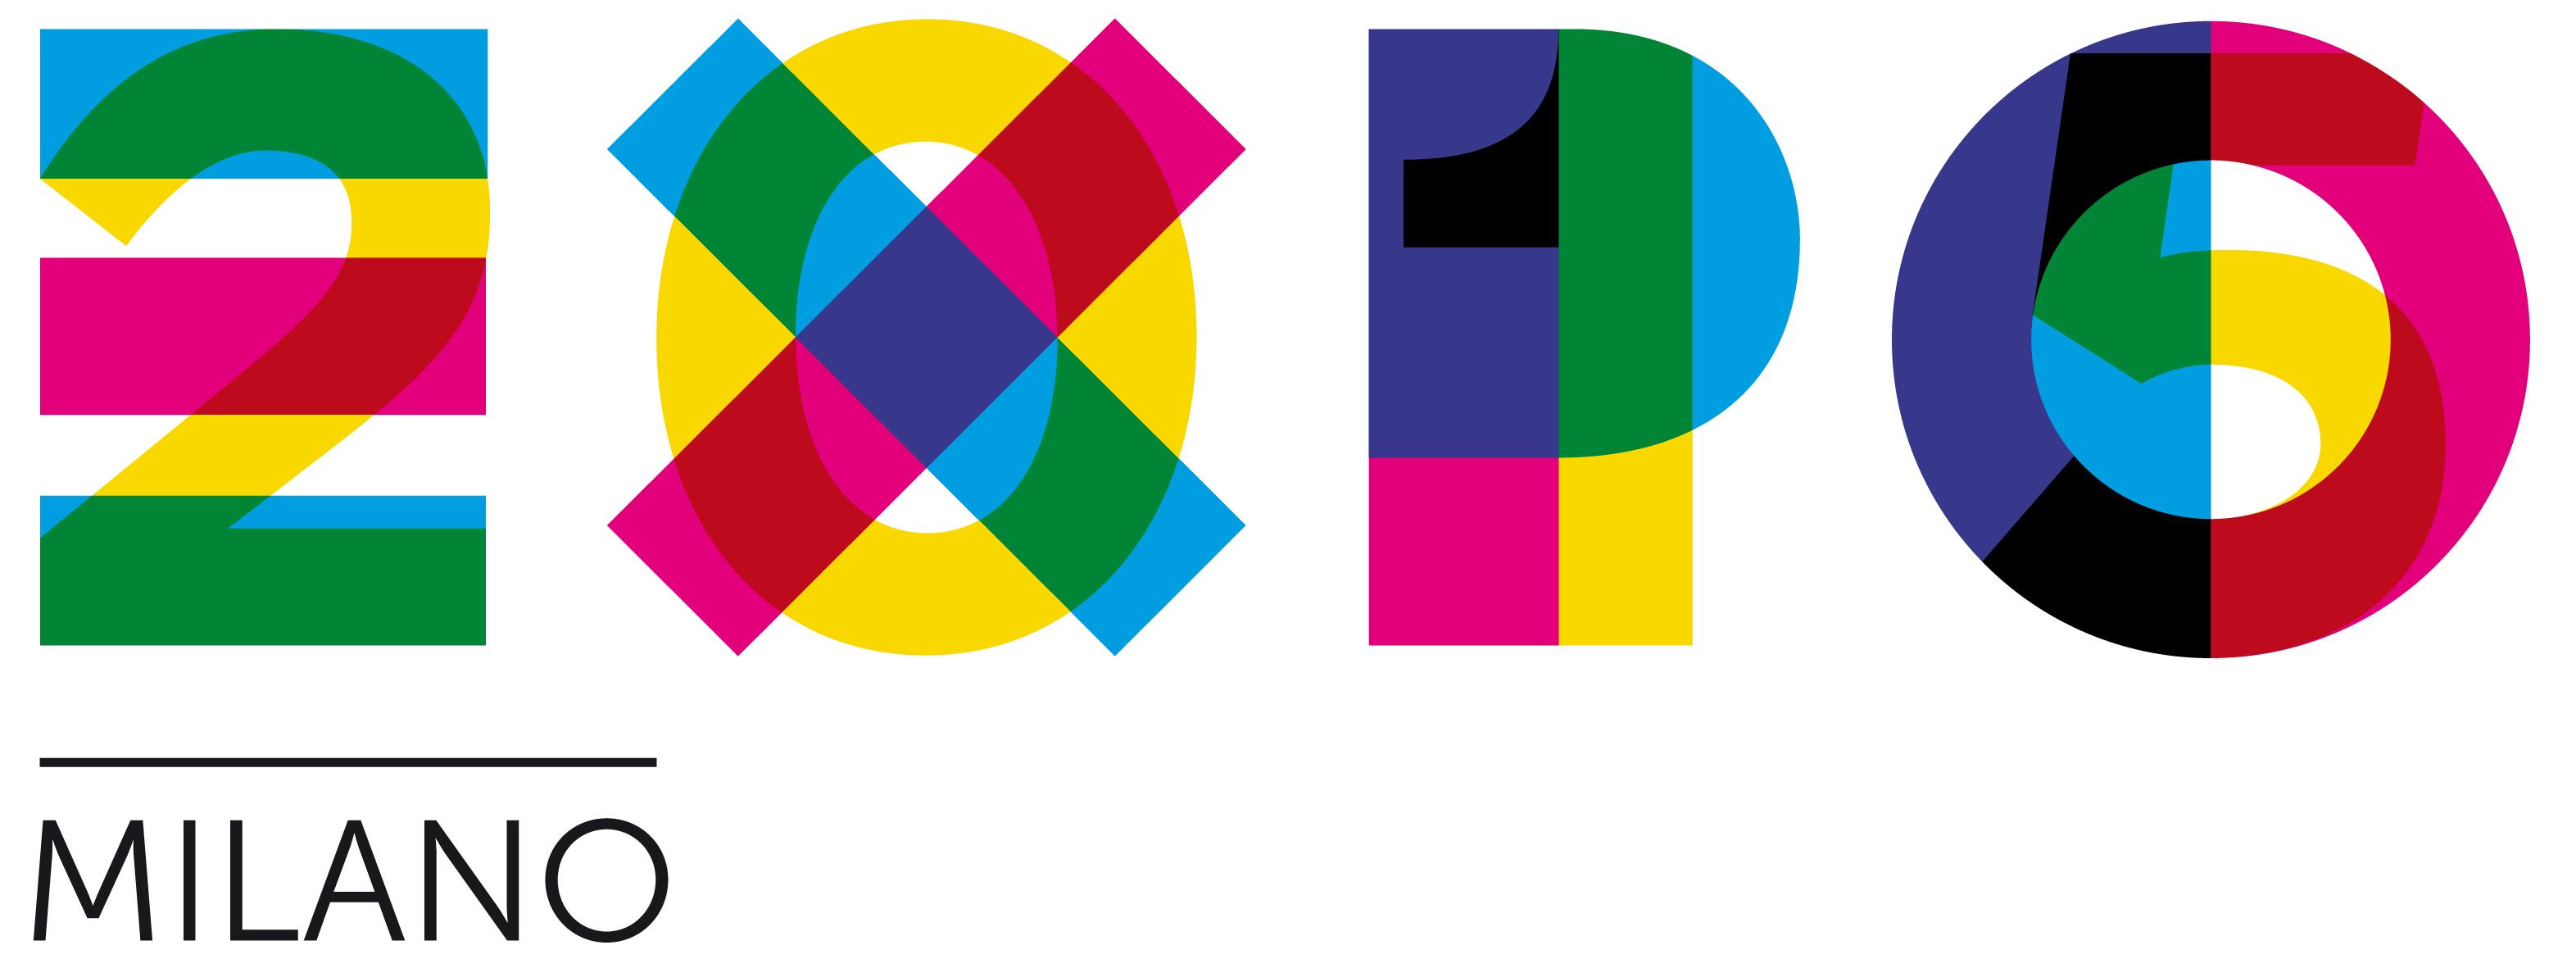 EXPO2015 : LAVORI A PIENO RITMO PER RECUPERARE I RITARDI